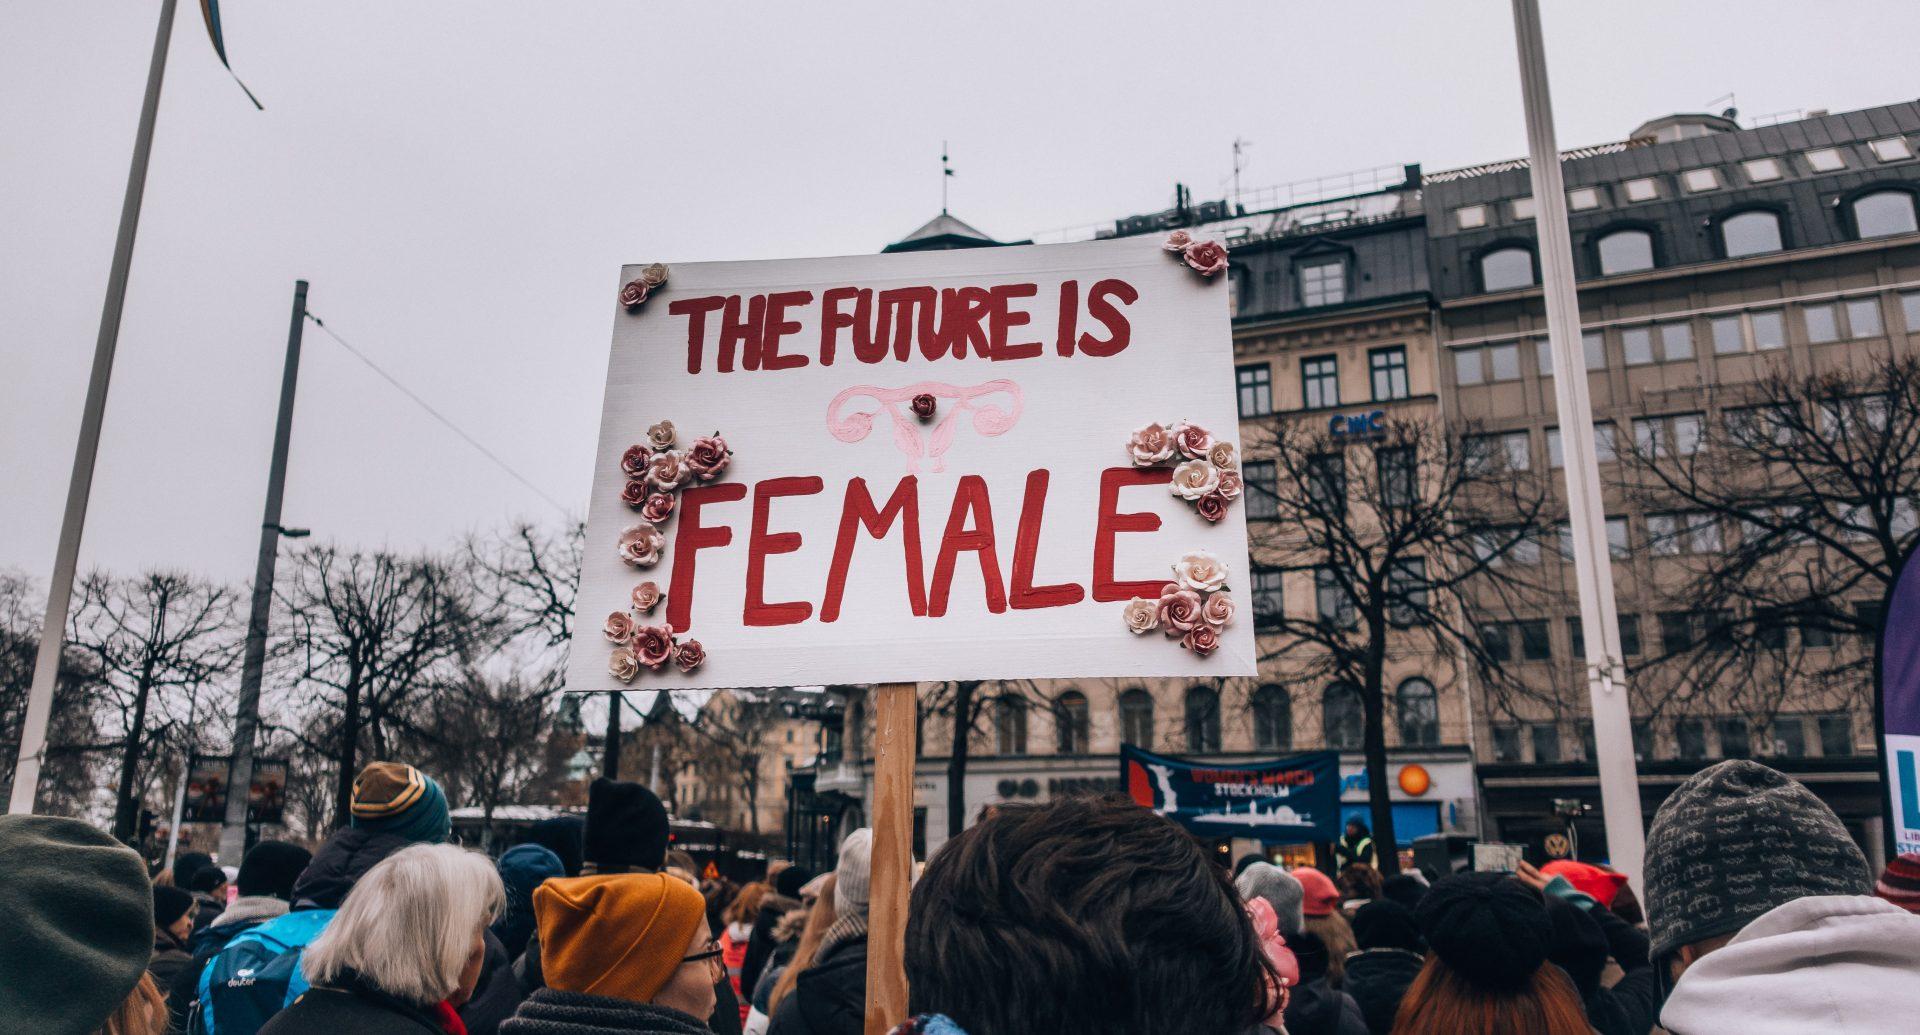 Perché le nazioni che opprimono le donne falliscono?